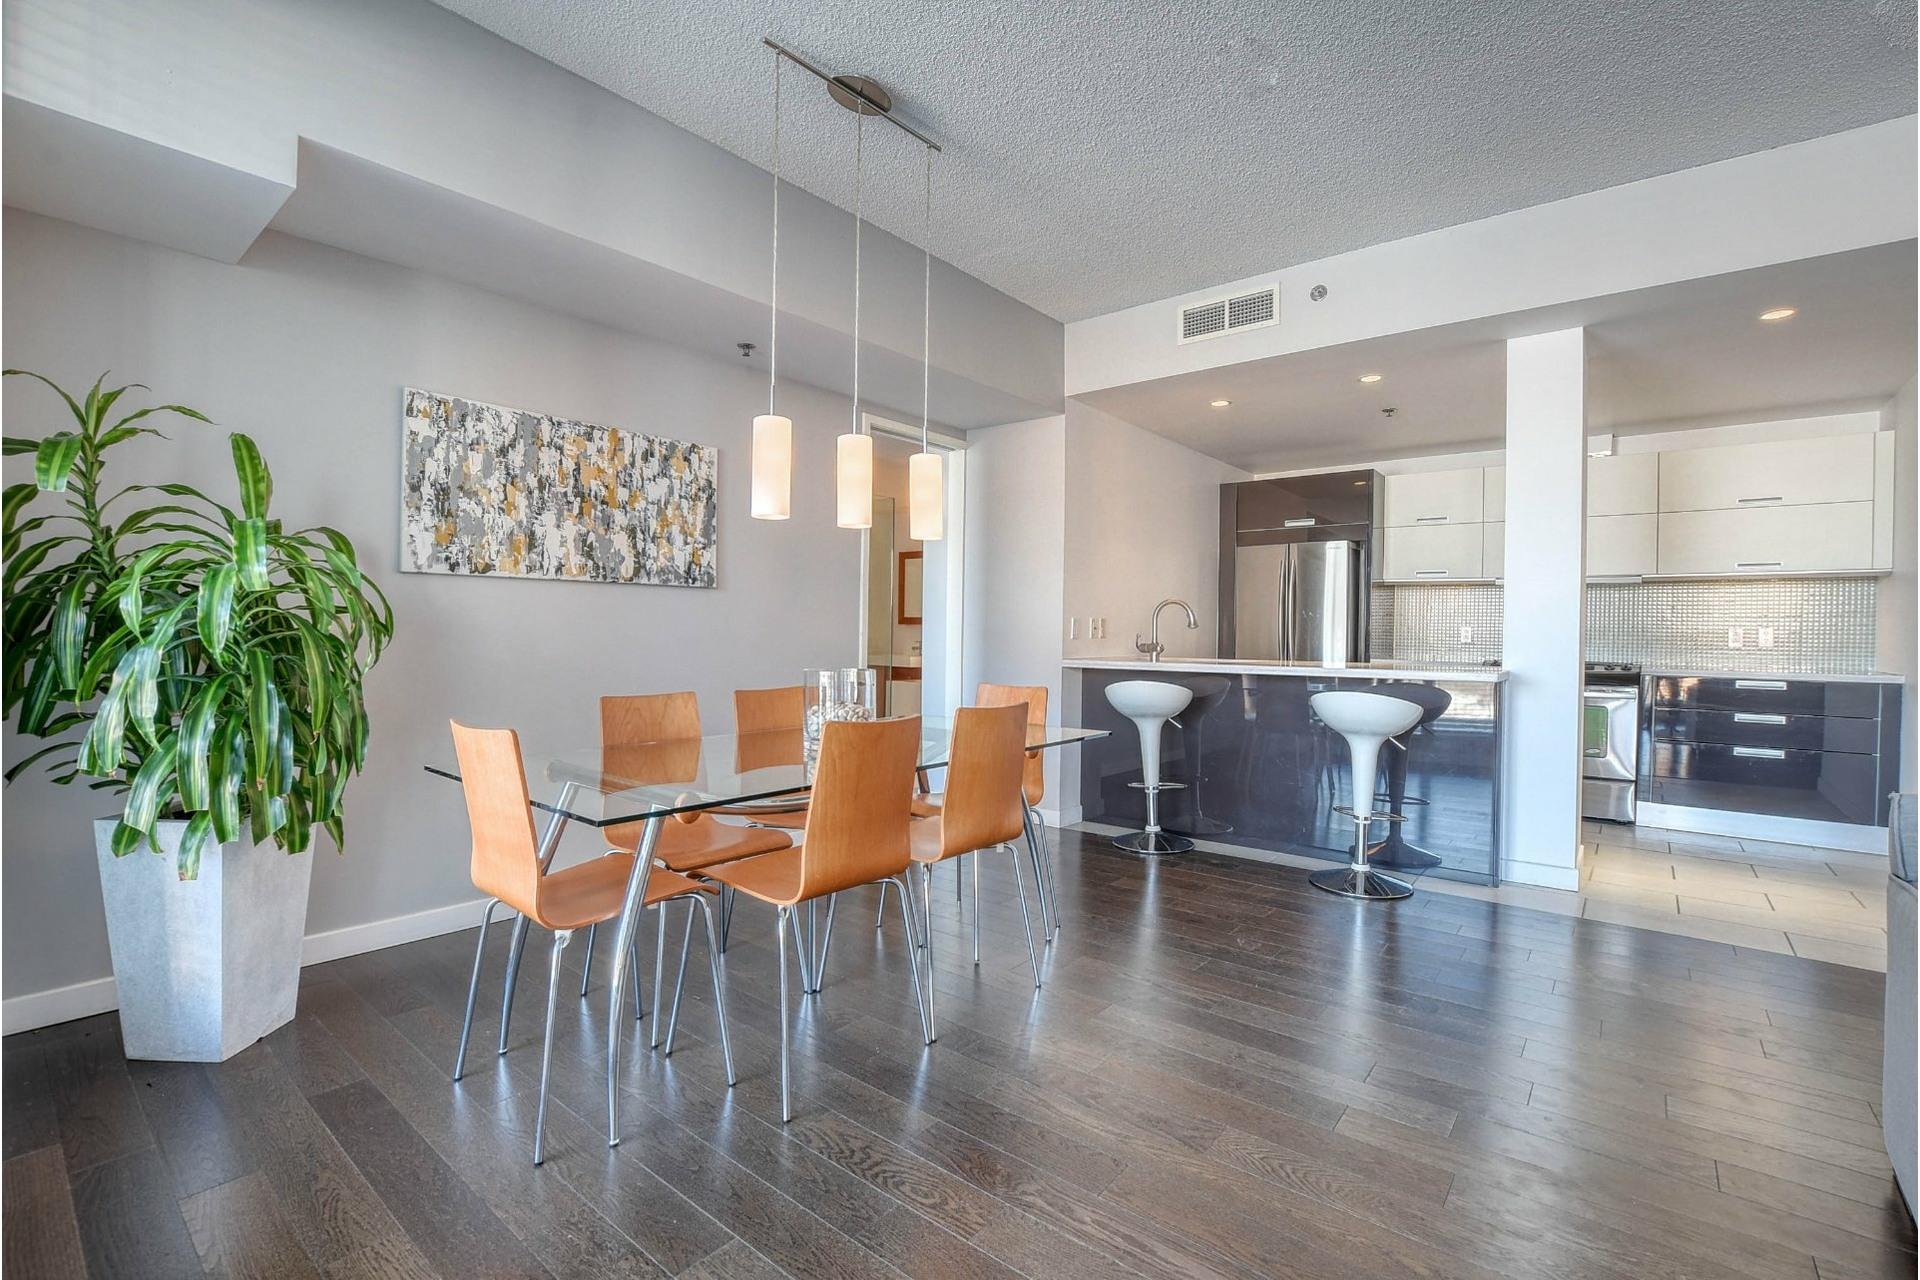 image 2 - Appartement À vendre Verdun/Île-des-Soeurs Montréal  - 8 pièces